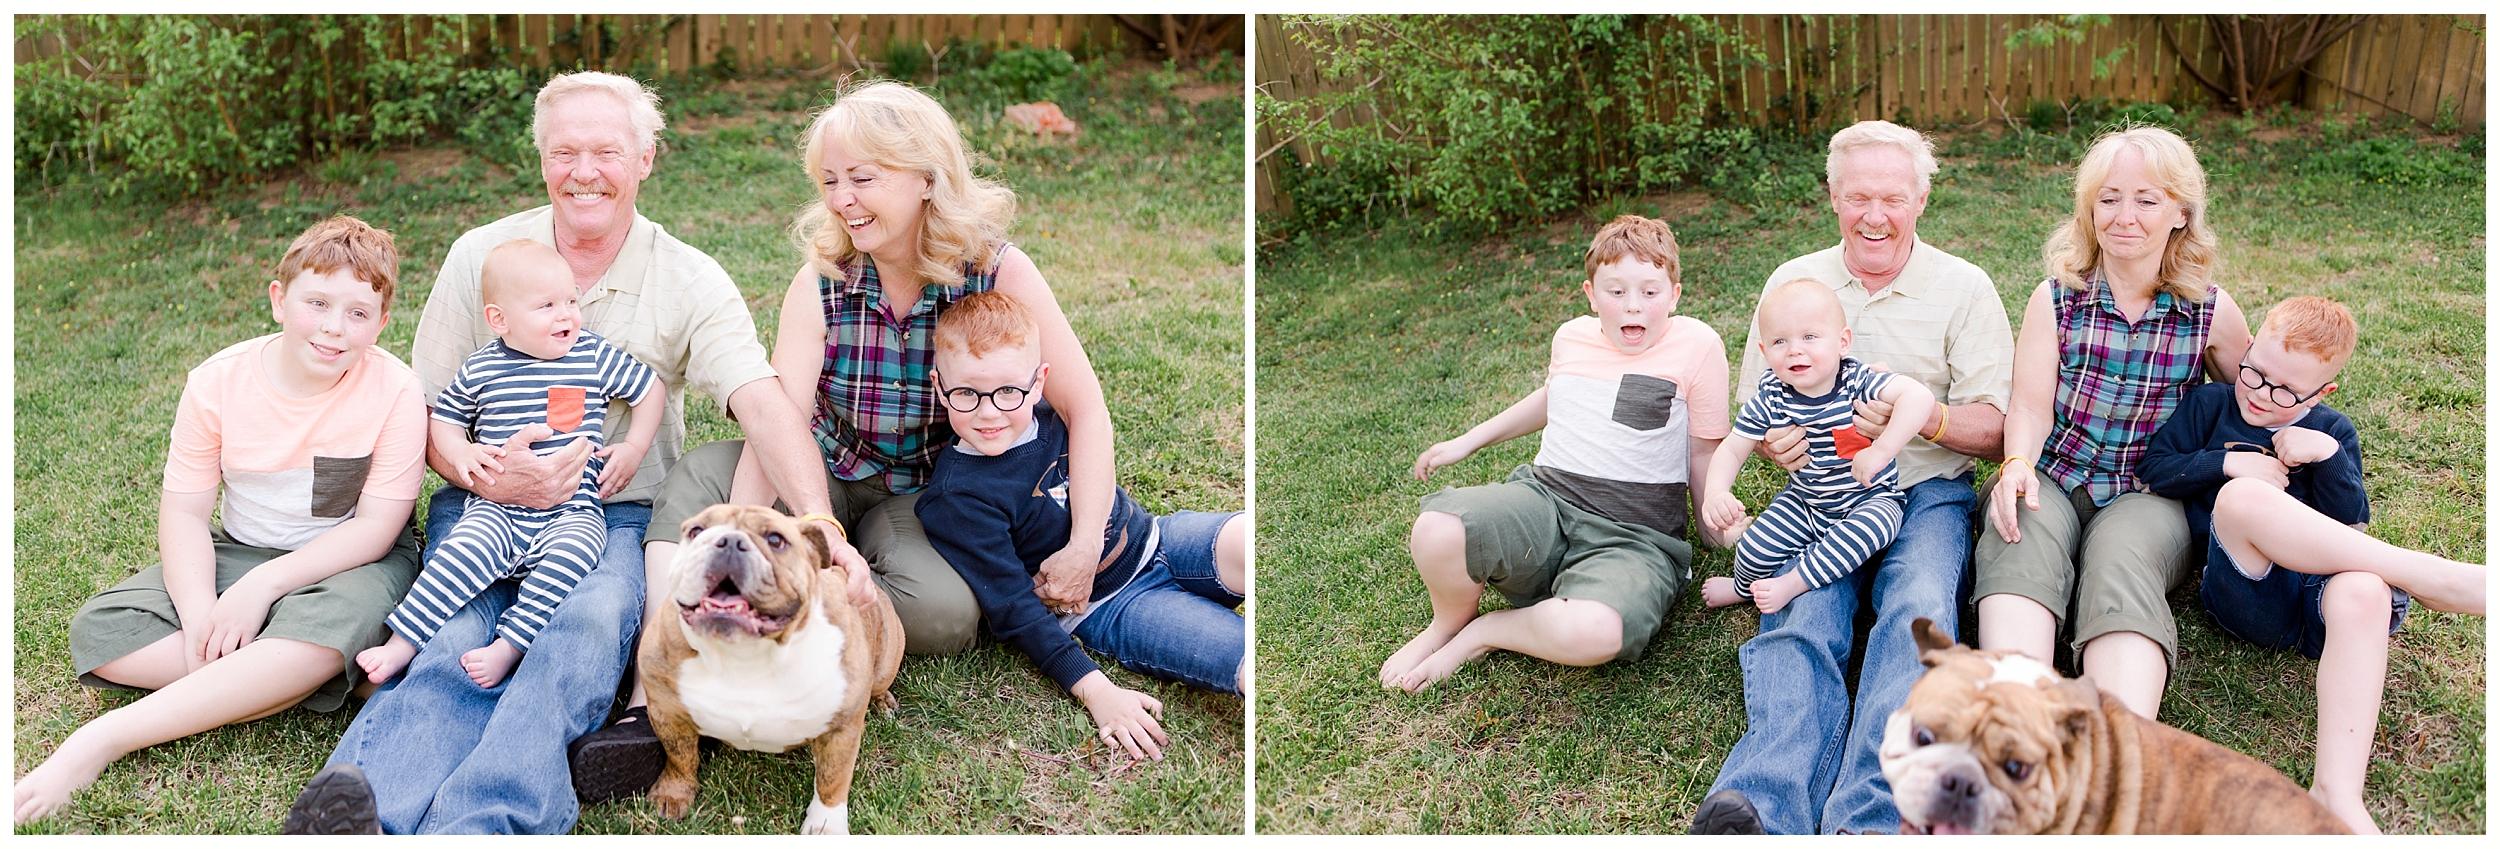 lexington-ky-family-lifestyle-photos-by-priscilla-baierlein_0187.jpg